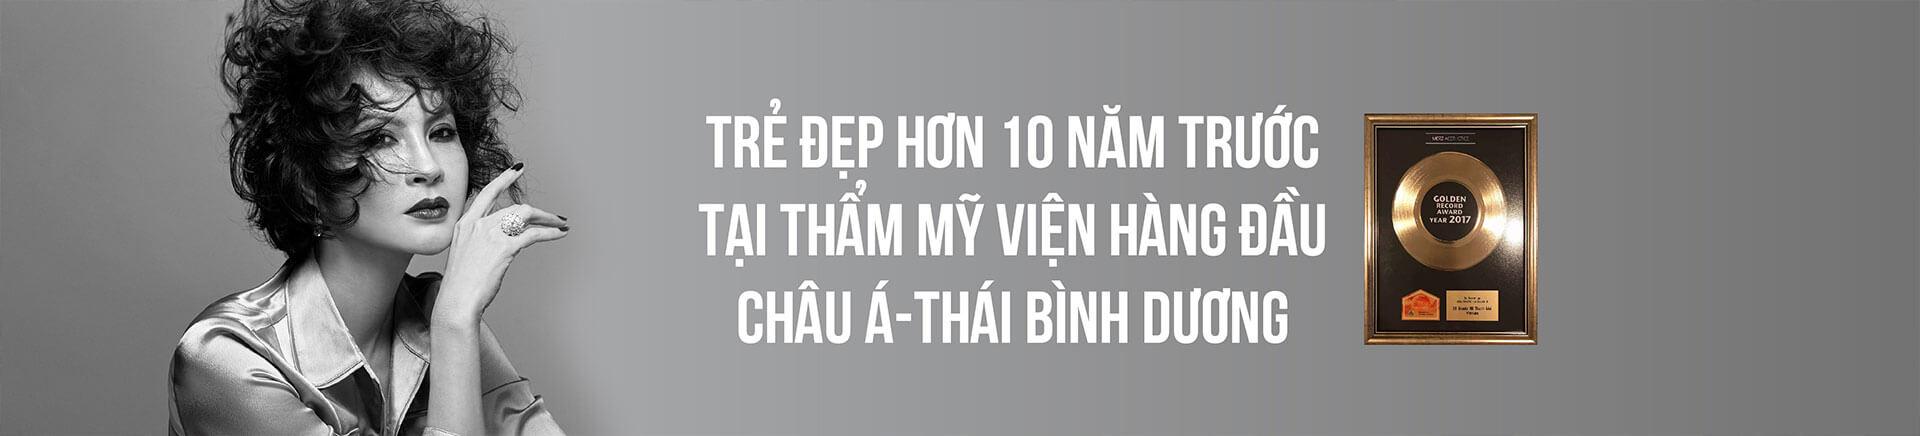 banner-web-tre-dep-hon-10-nam-truoc-01-5